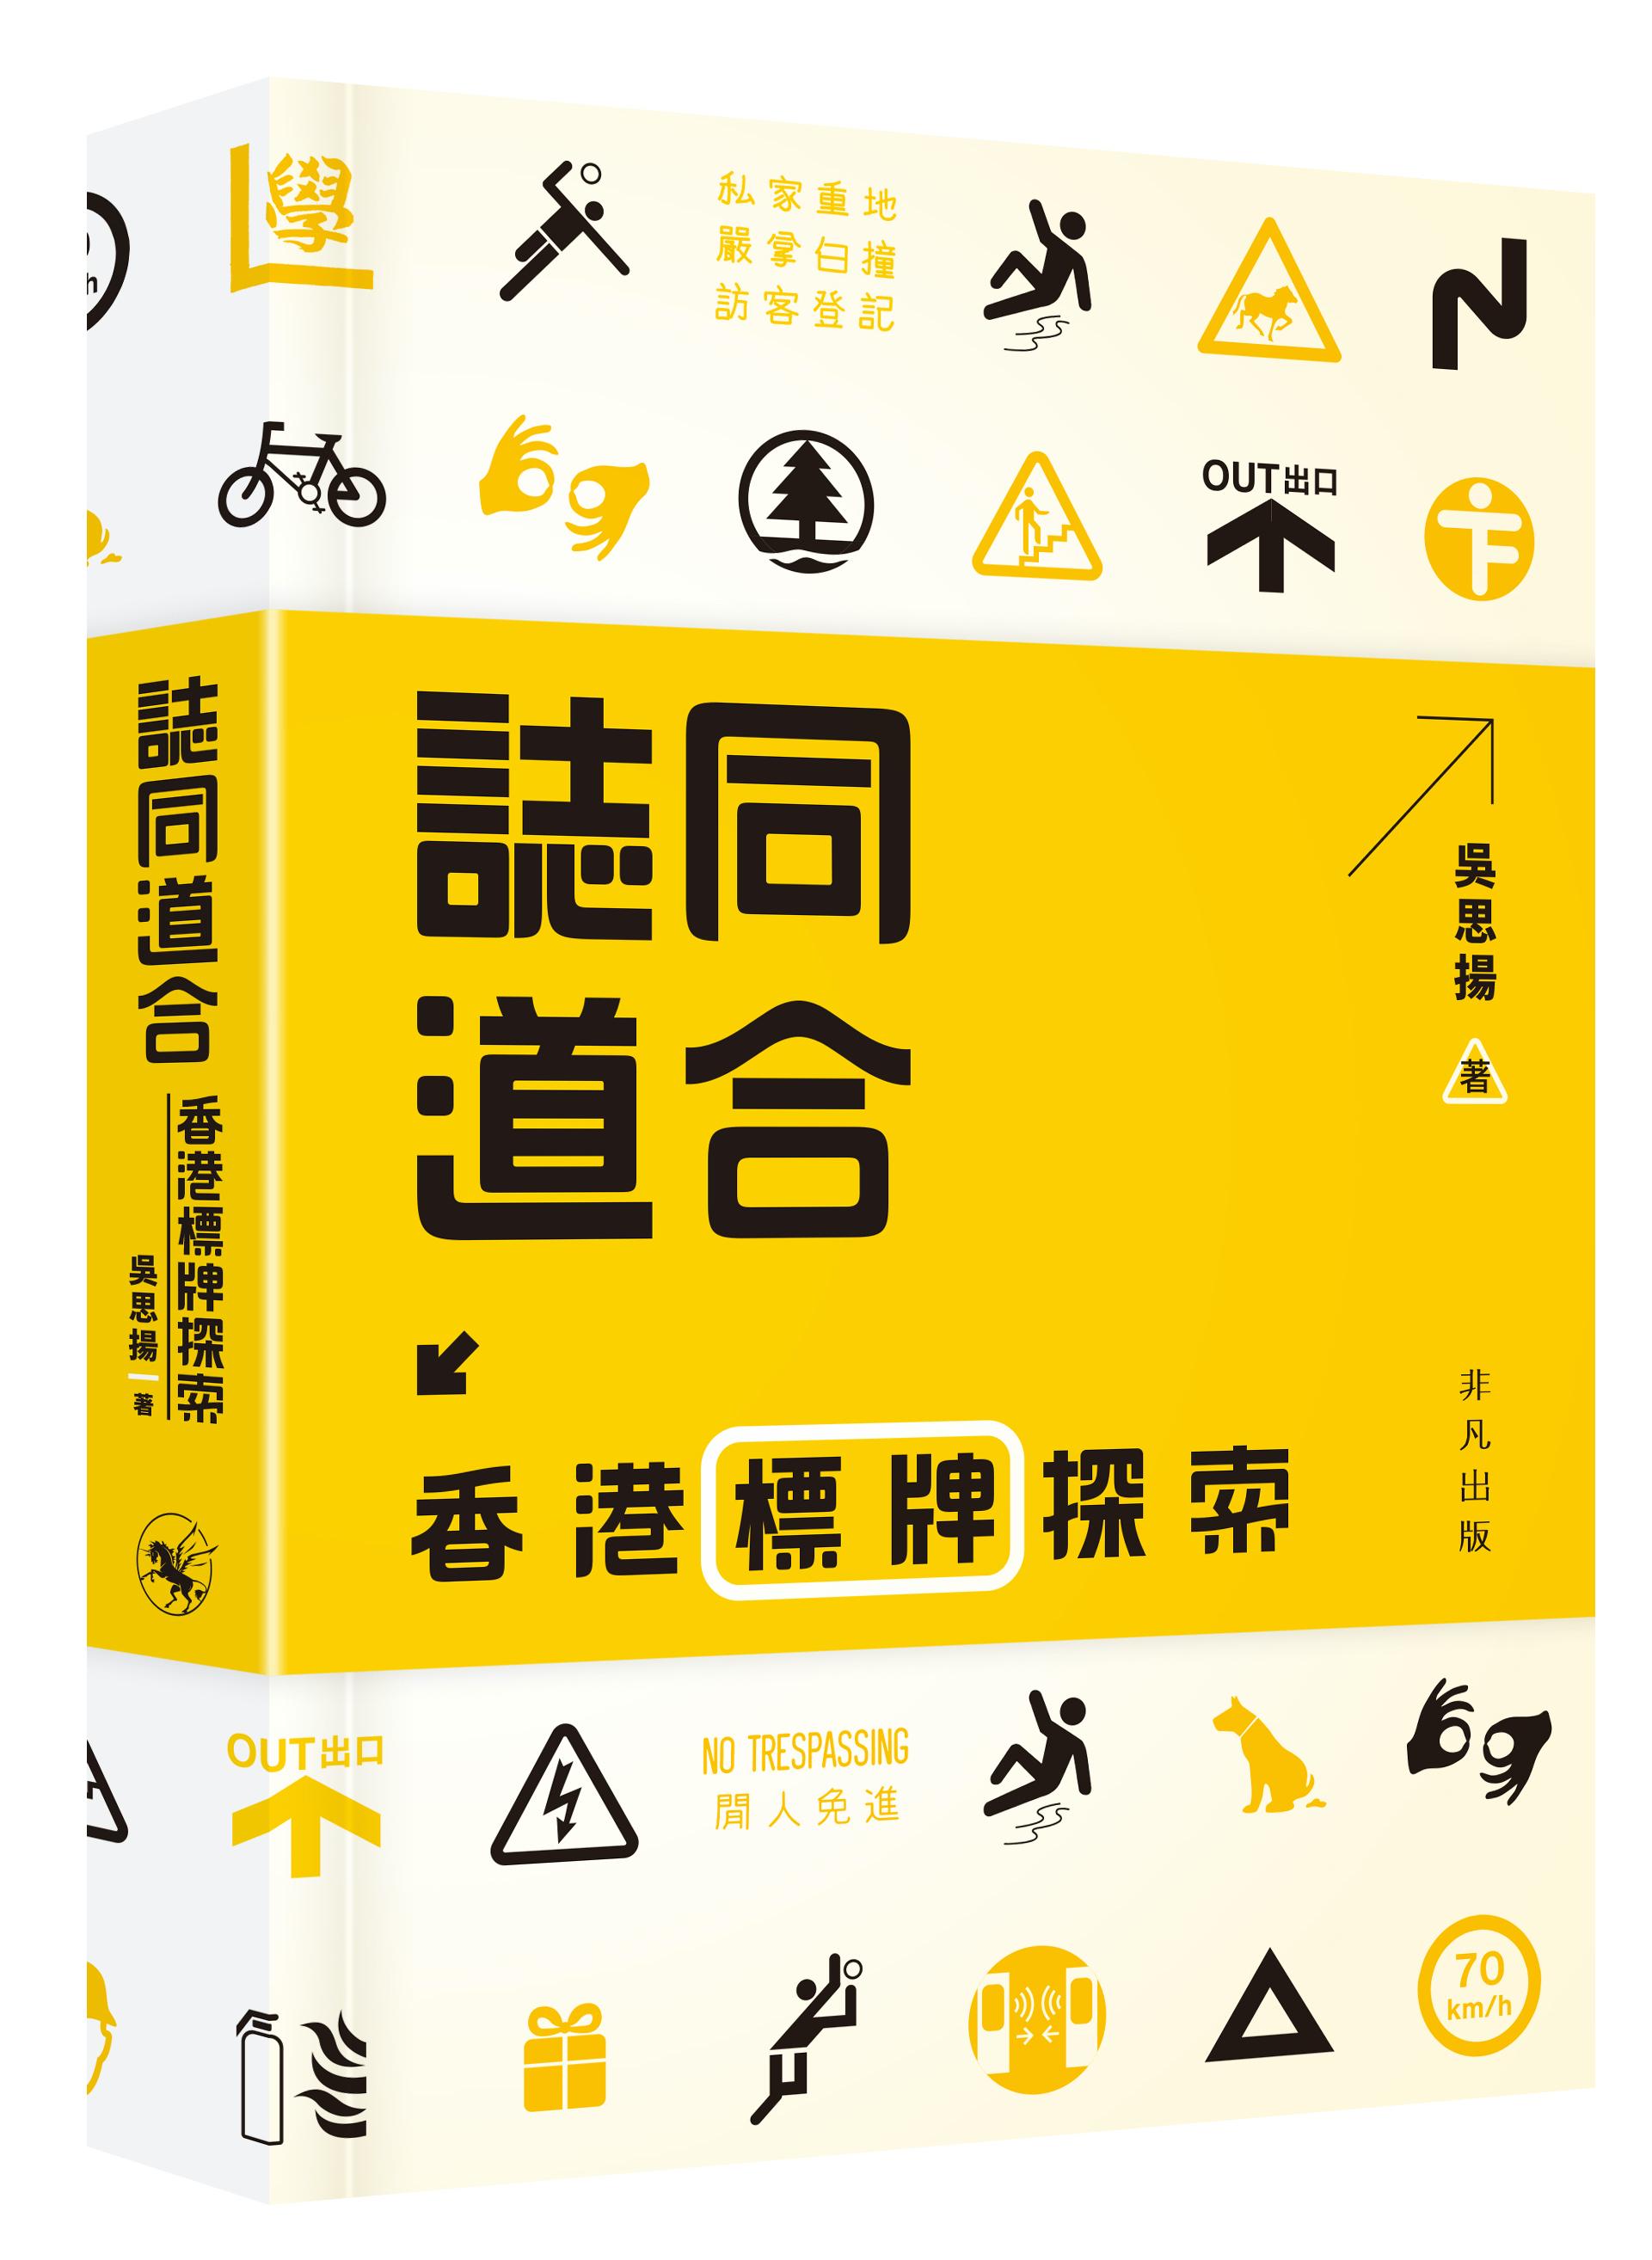 誌同道合——香港標牌探索